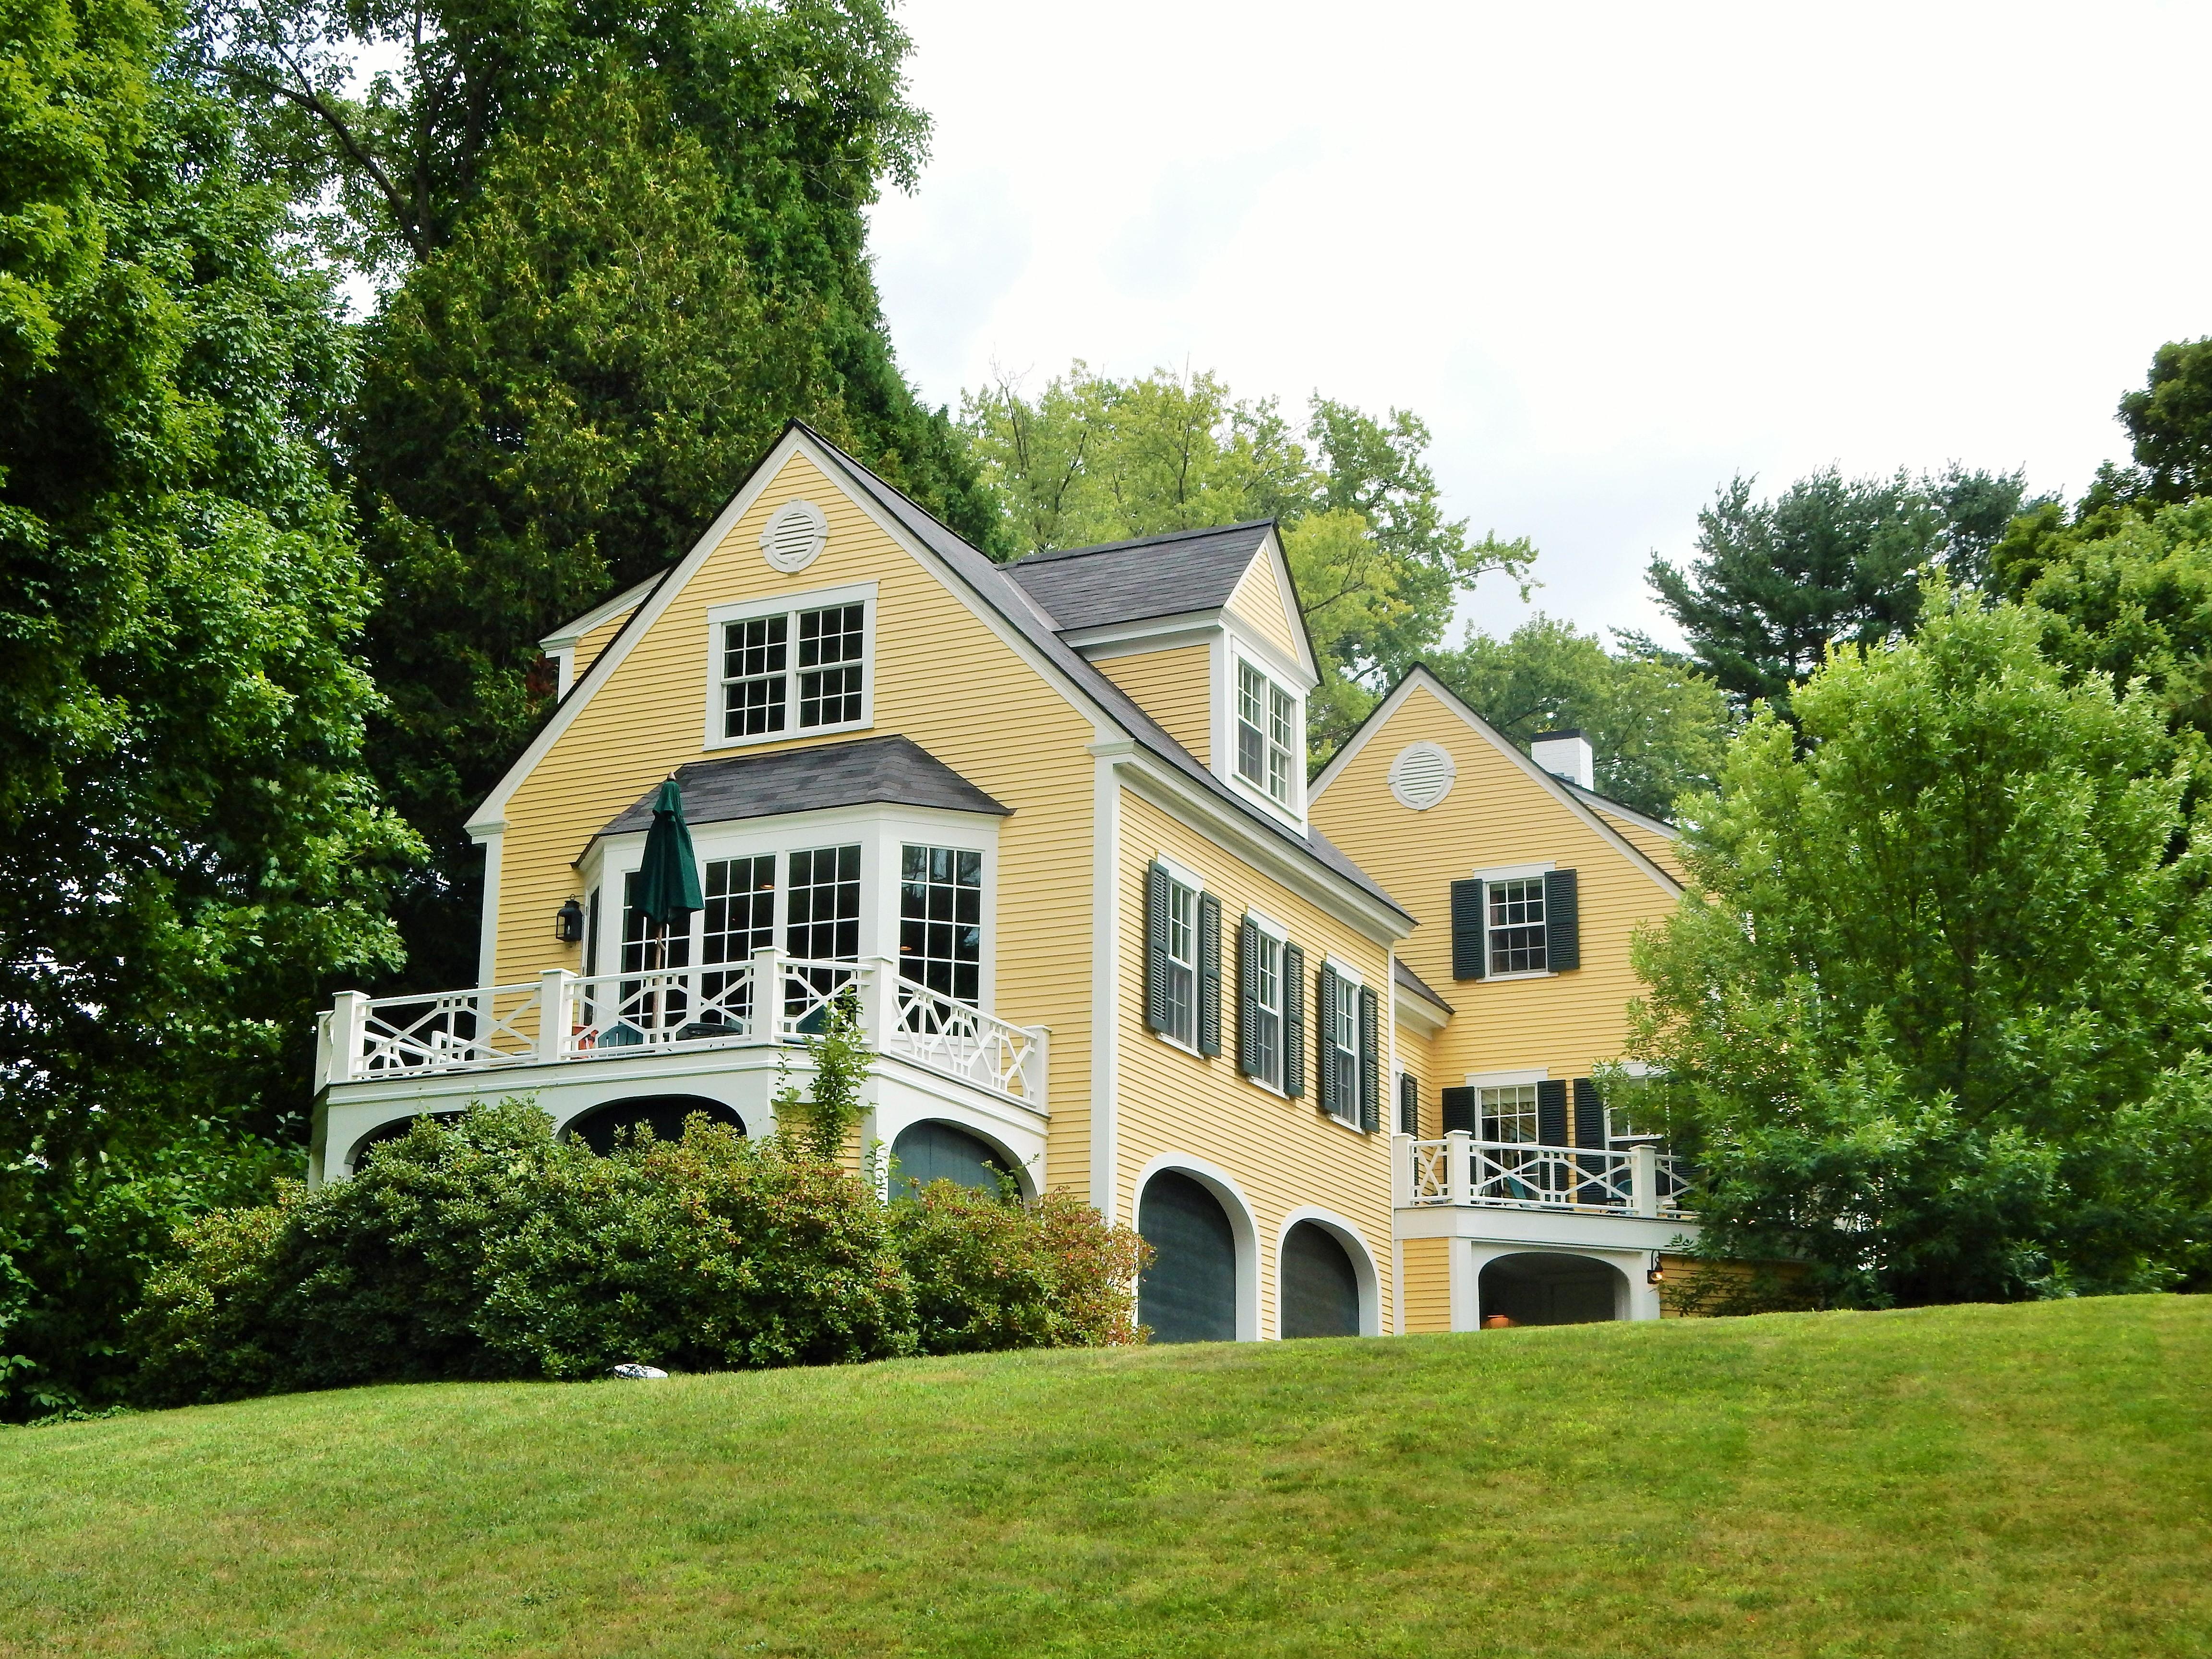 Maison unifamiliale pour l Vente à 14 Rope Ferry Road, Hanover 14 Rope Ferry Rd Hanover, New Hampshire, 03755 États-Unis